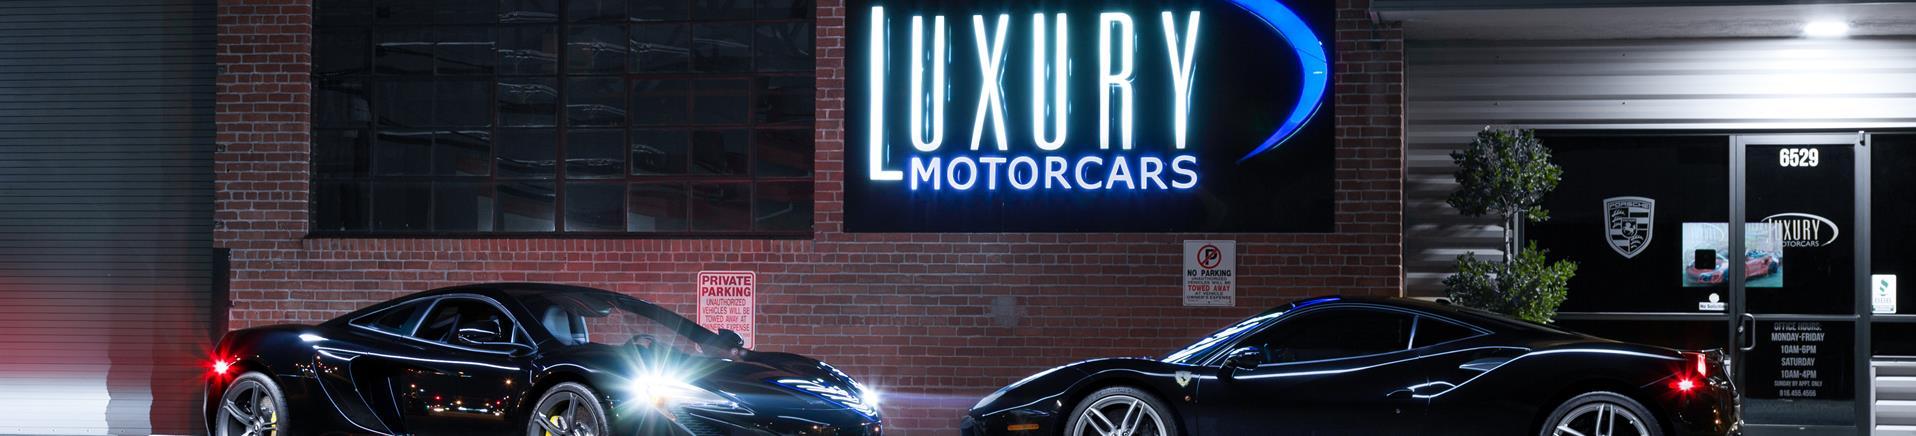 Used Cars Sacramento CA   Used Cars & Trucks CA   Luxury Motorcars LLC